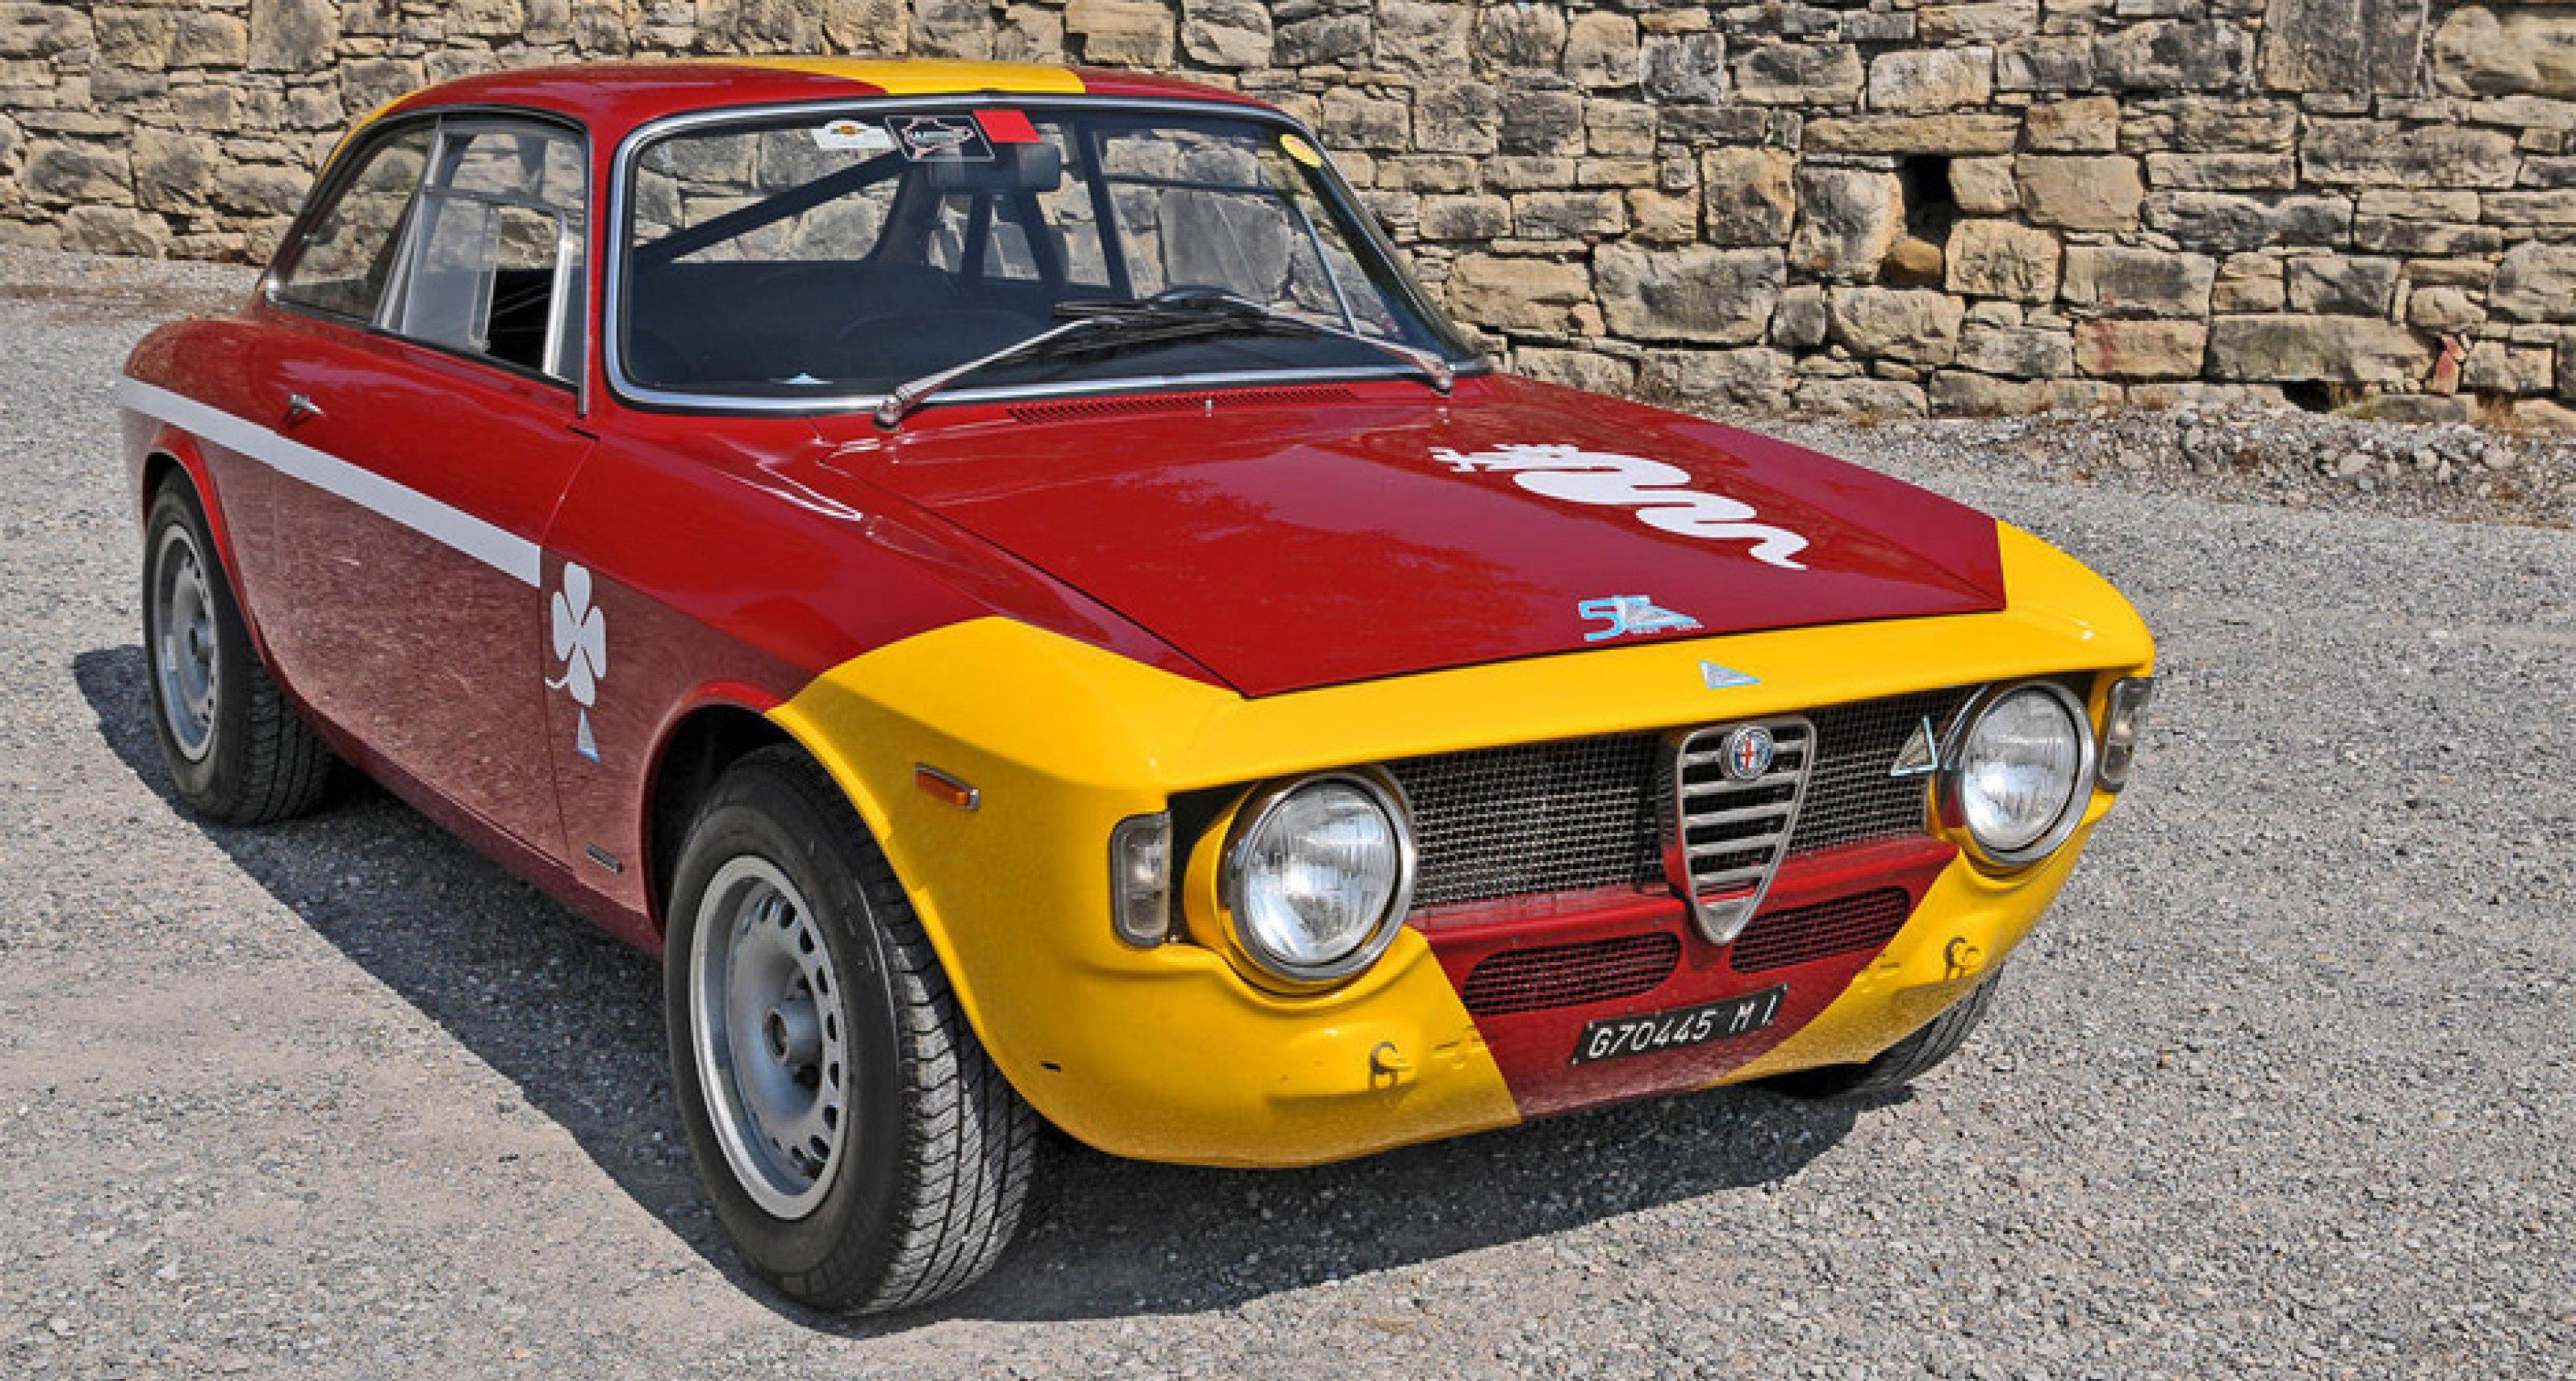 1968 Alfa Romeo GTA 1300 Junior (GBP 150,000 - 180,000)